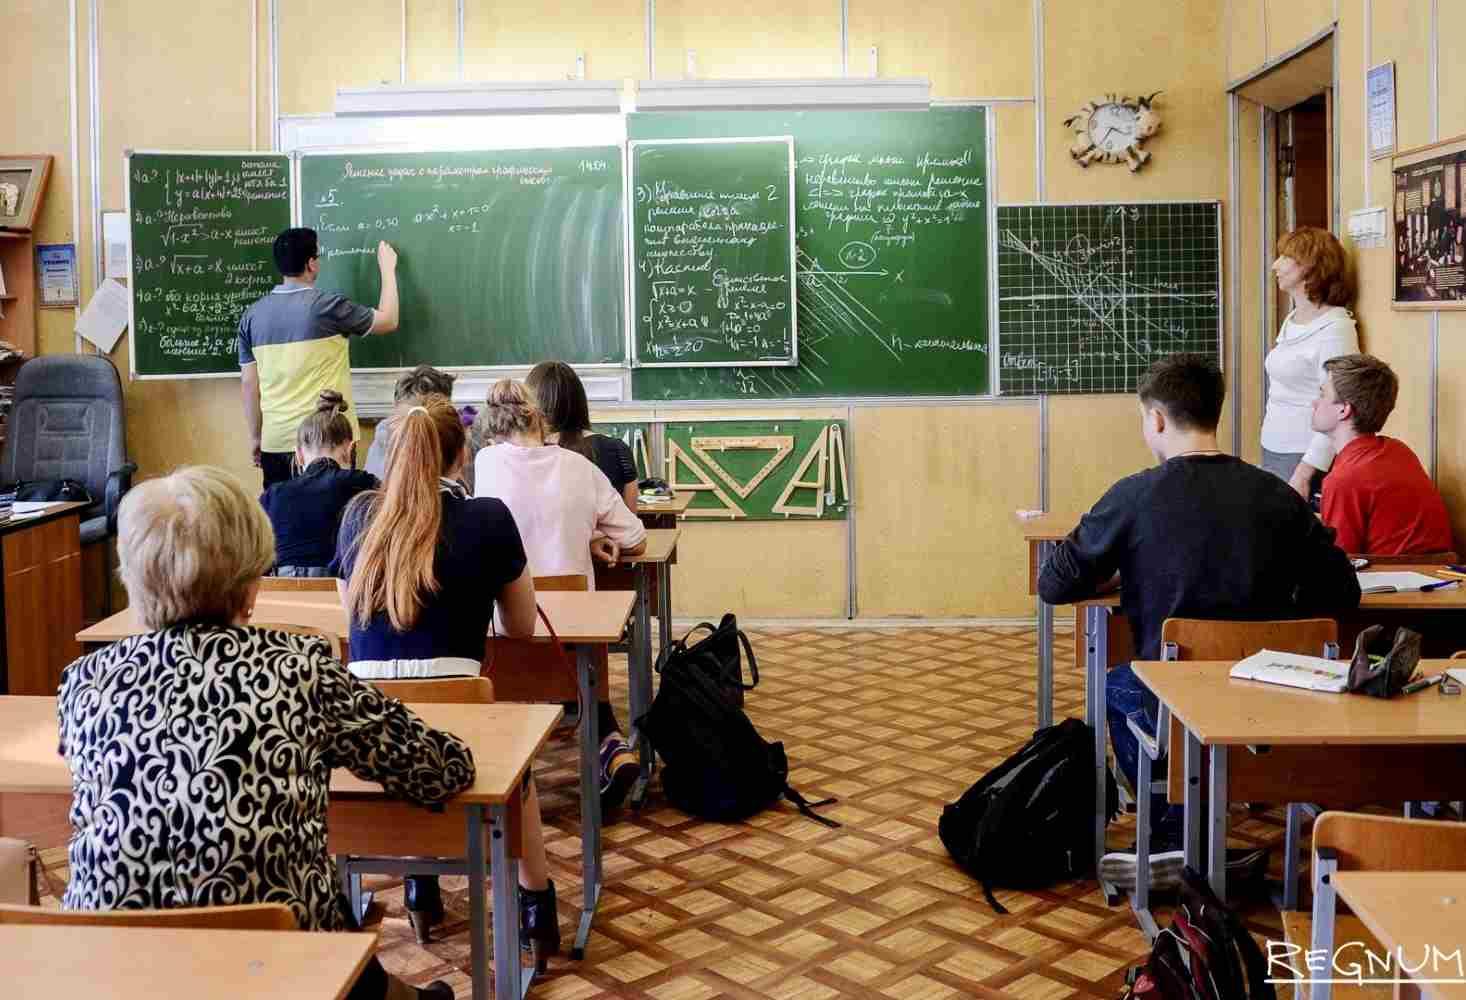 pochemu-rossijskim-shkolam-ne-nuzhny-professionalnye-uchitelya